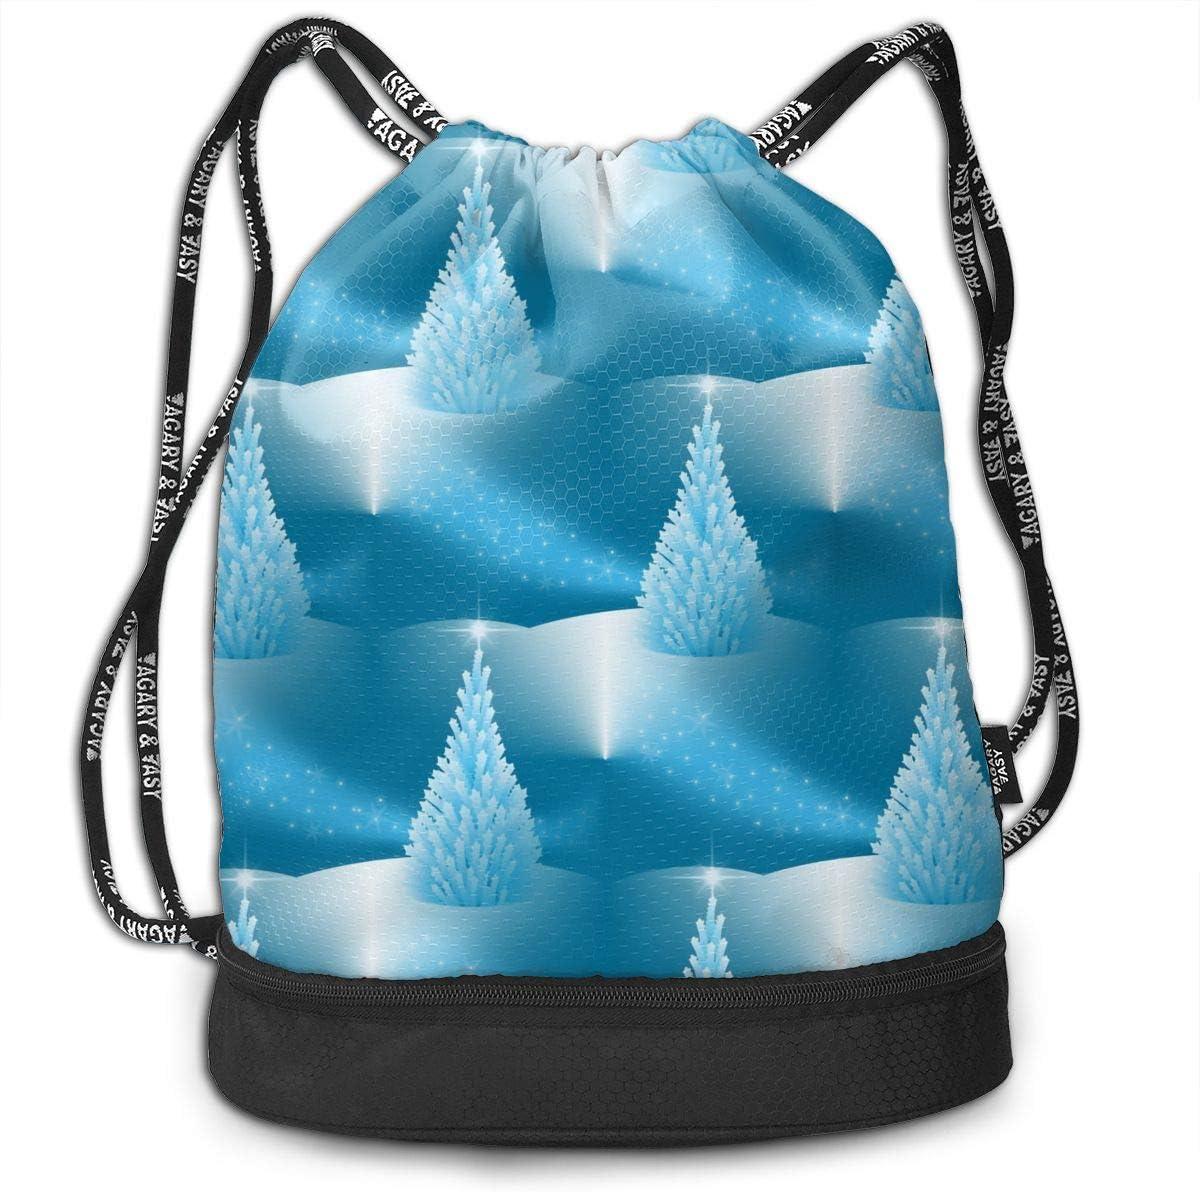 Drawstring Backpack Holiday Snow Rucksack